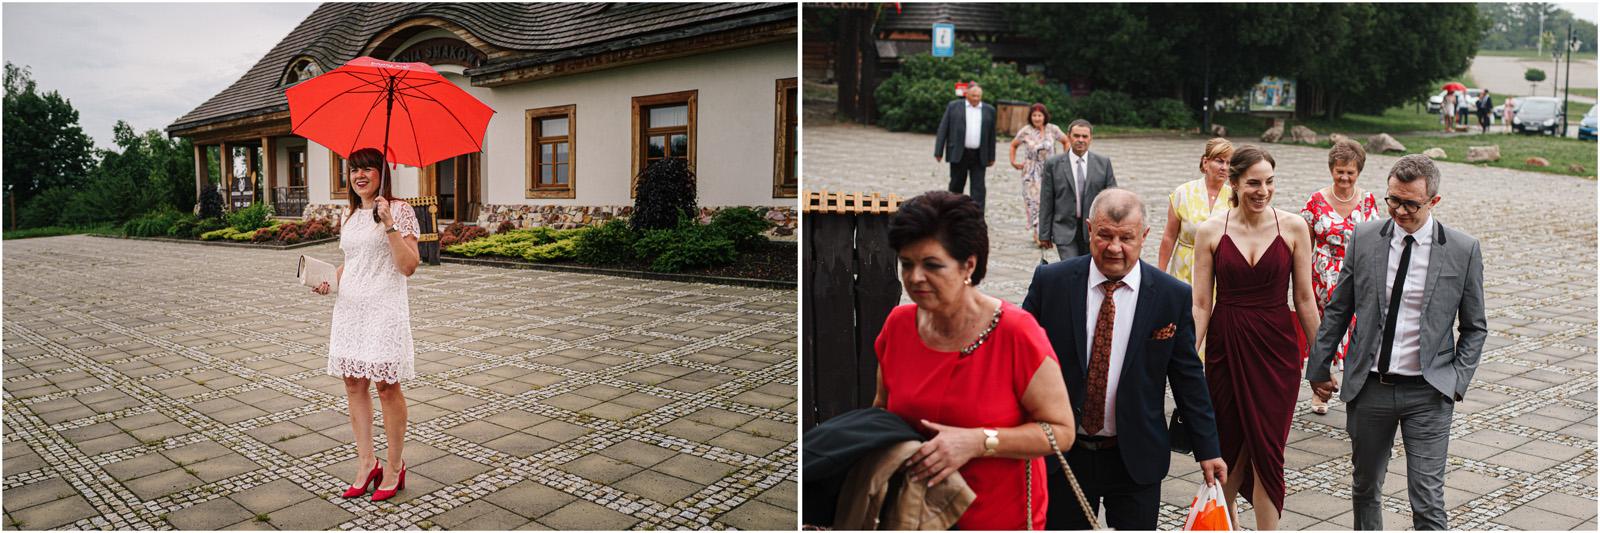 Kasia & Damian   ślub plenerowy w Kuźni Smaków i sesja w skansenie 24